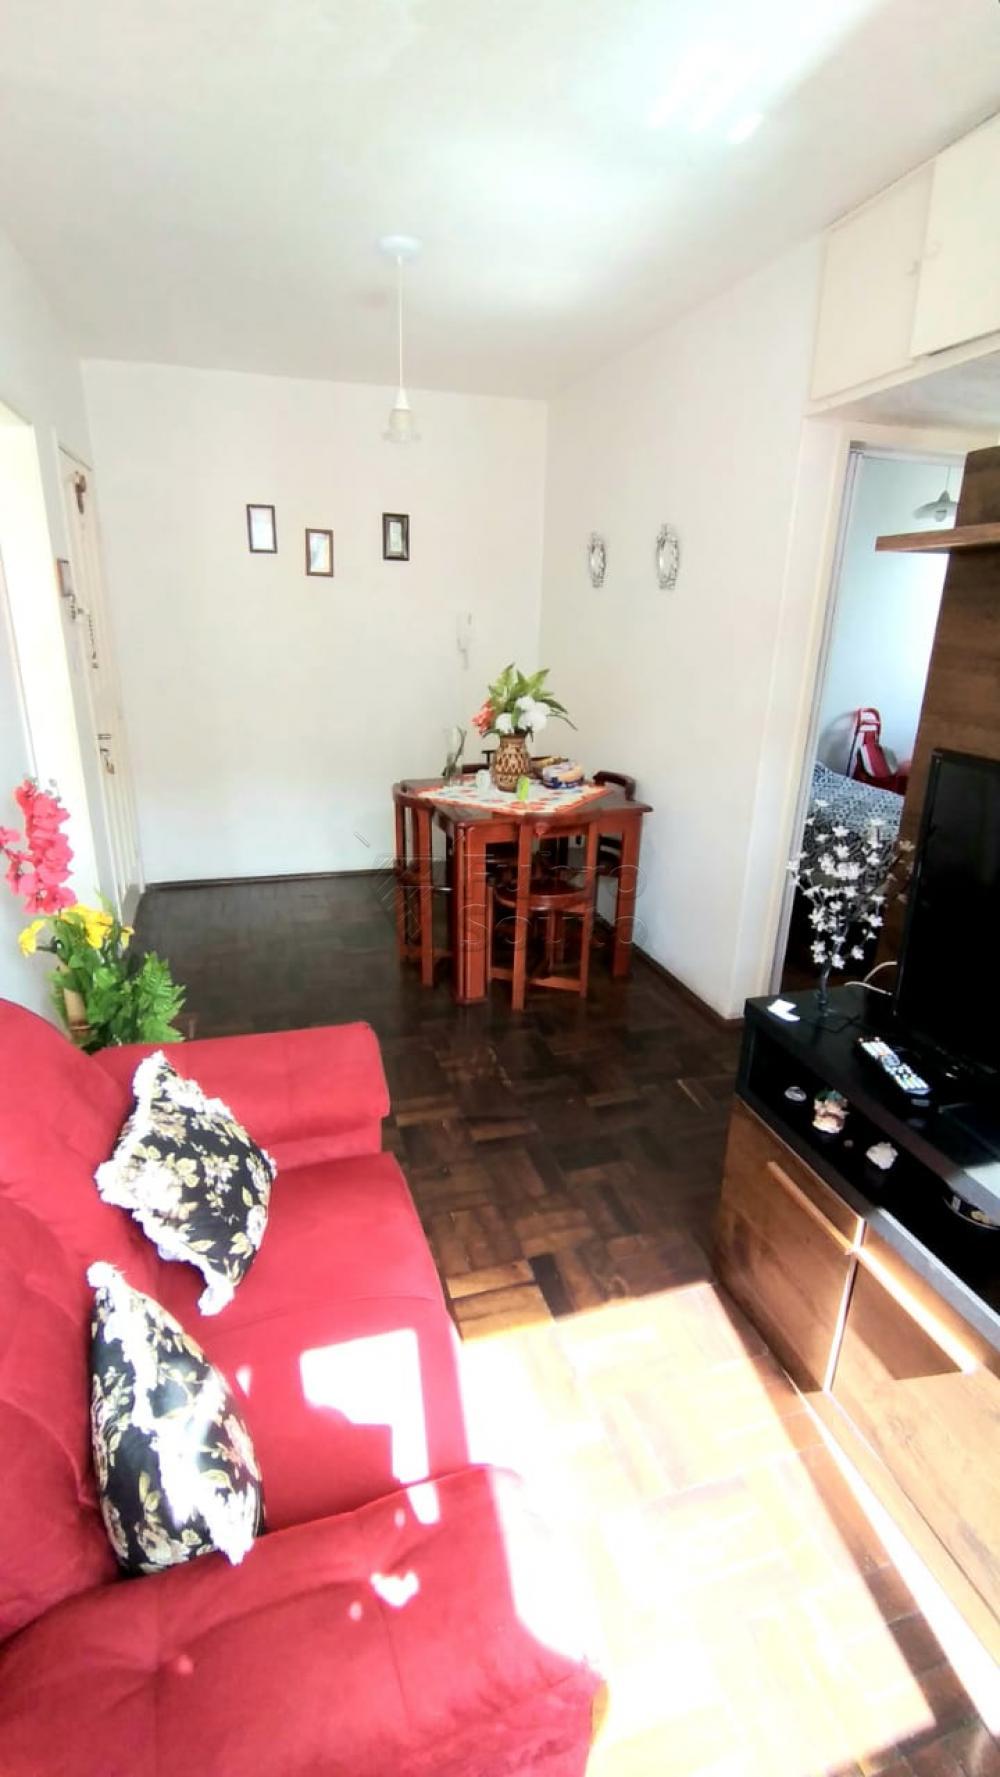 Comprar Apartamento / Padrão em Pelotas R$ 170.000,00 - Foto 2